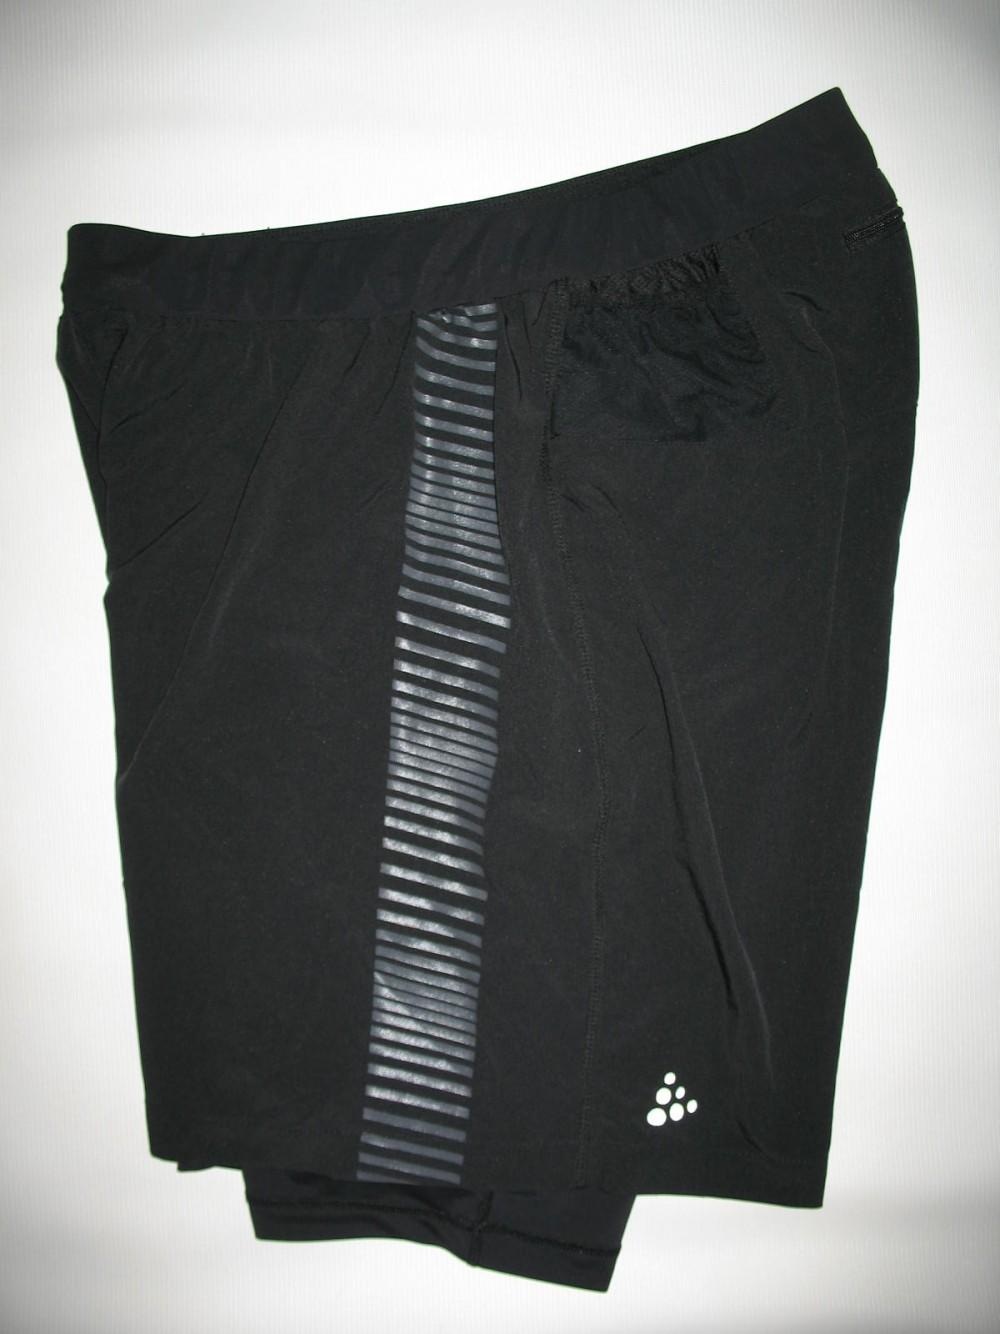 Шорты CRAFT grit 2in1 shorts (размер XL) - 4